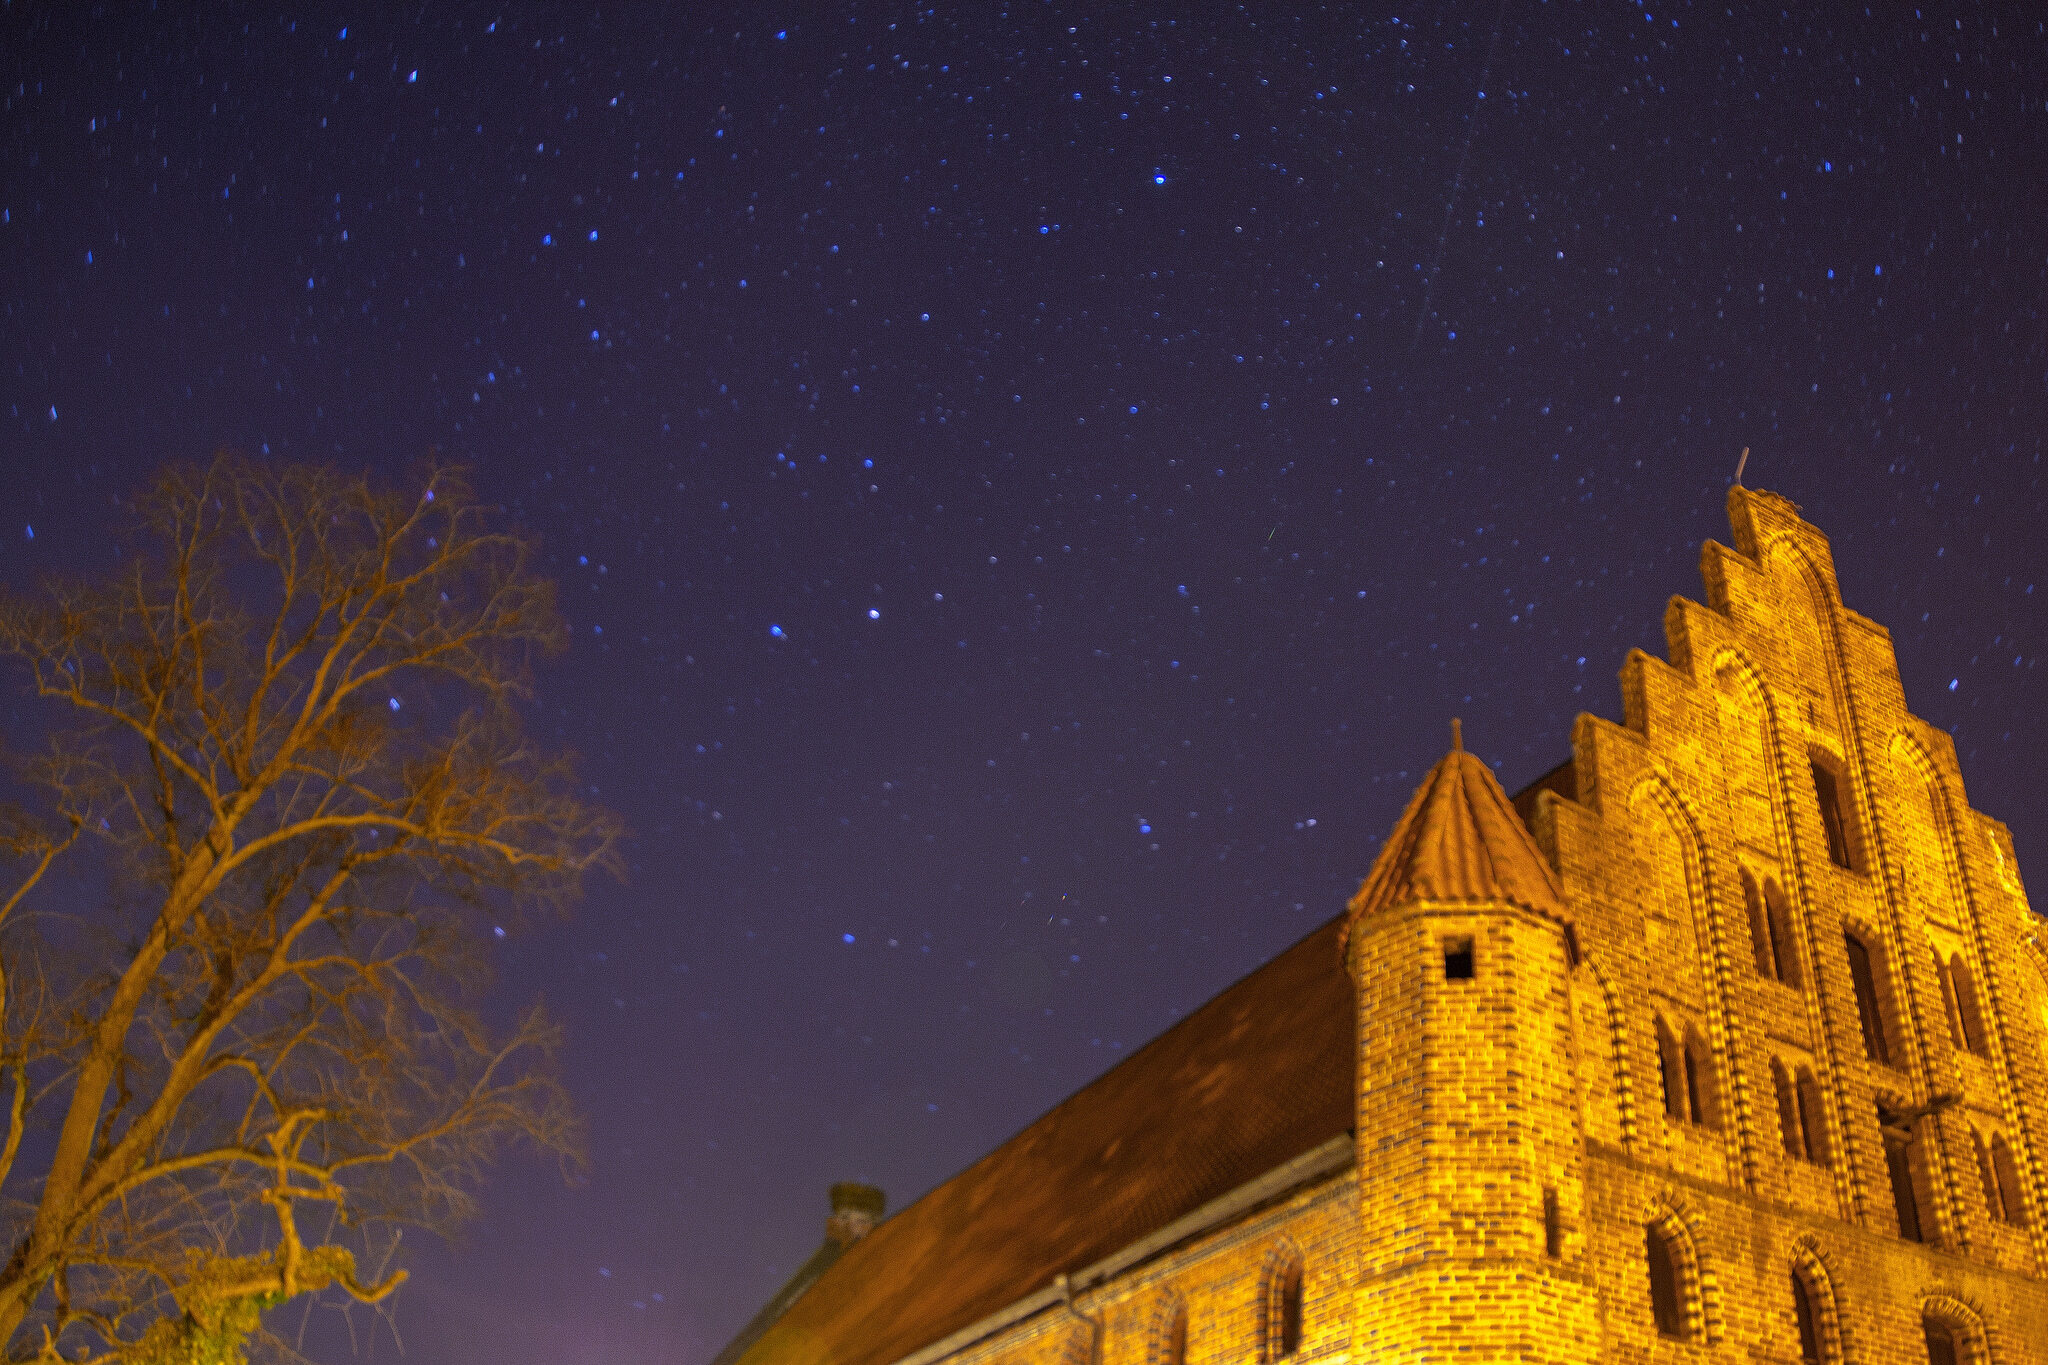 Klasztor w nocy (zdj. ilustracyjne)